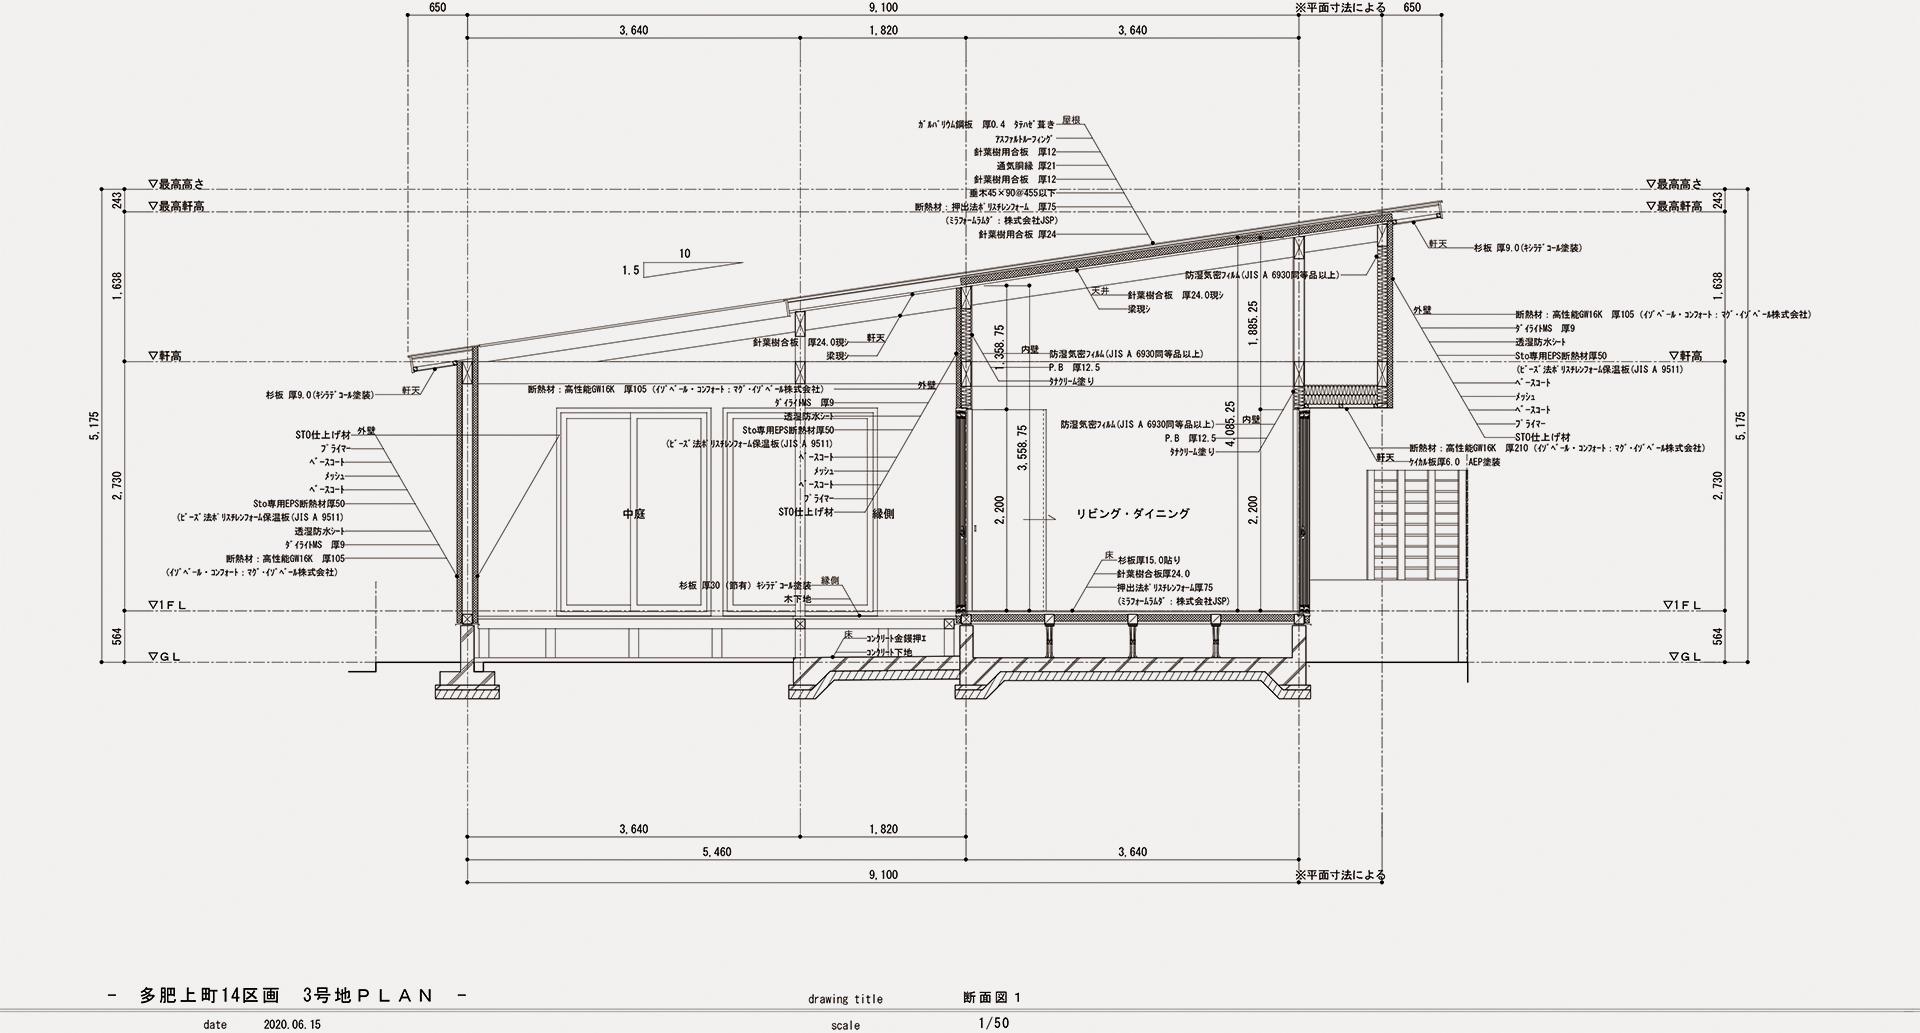 多肥上町14区画 3号地PLAN200615-9